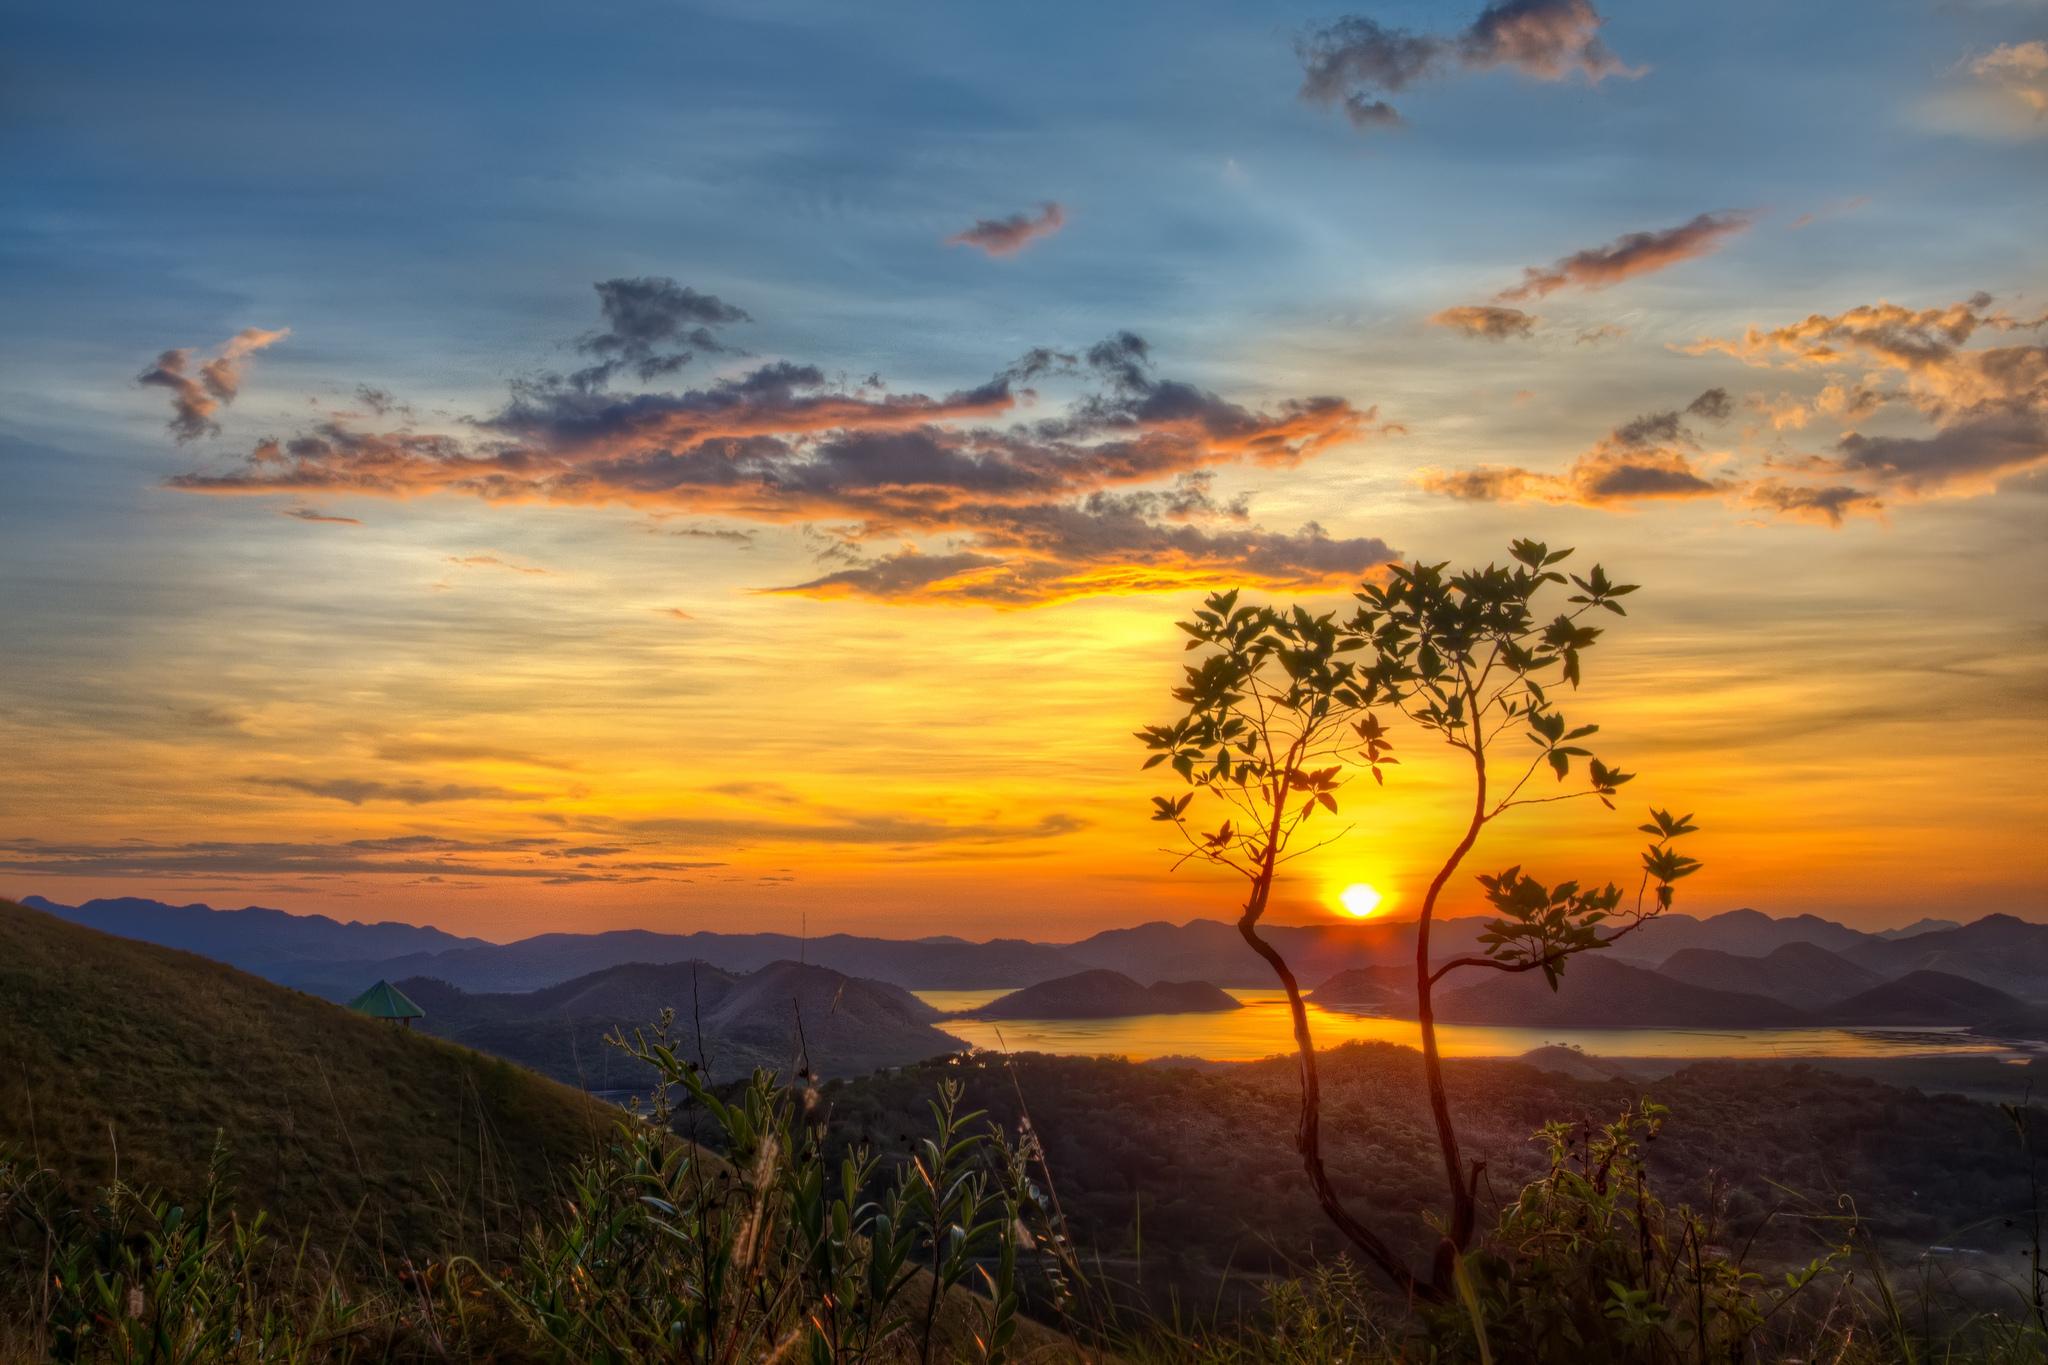 холмы озеро небо закат пейзаж  № 2743263 загрузить